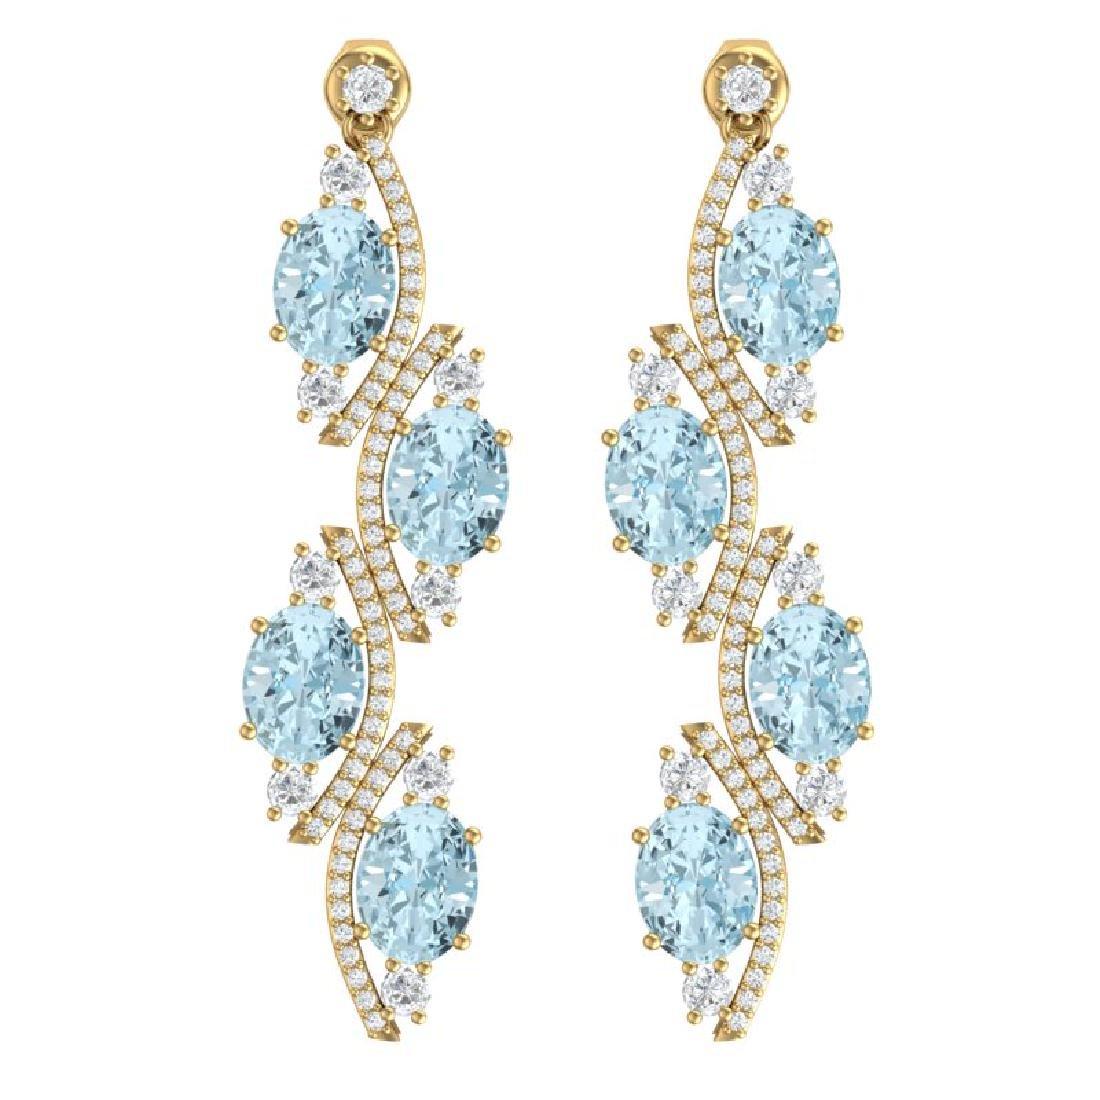 15.72 CTW Royalty Sky Topaz & VS Diamond Earrings 18K